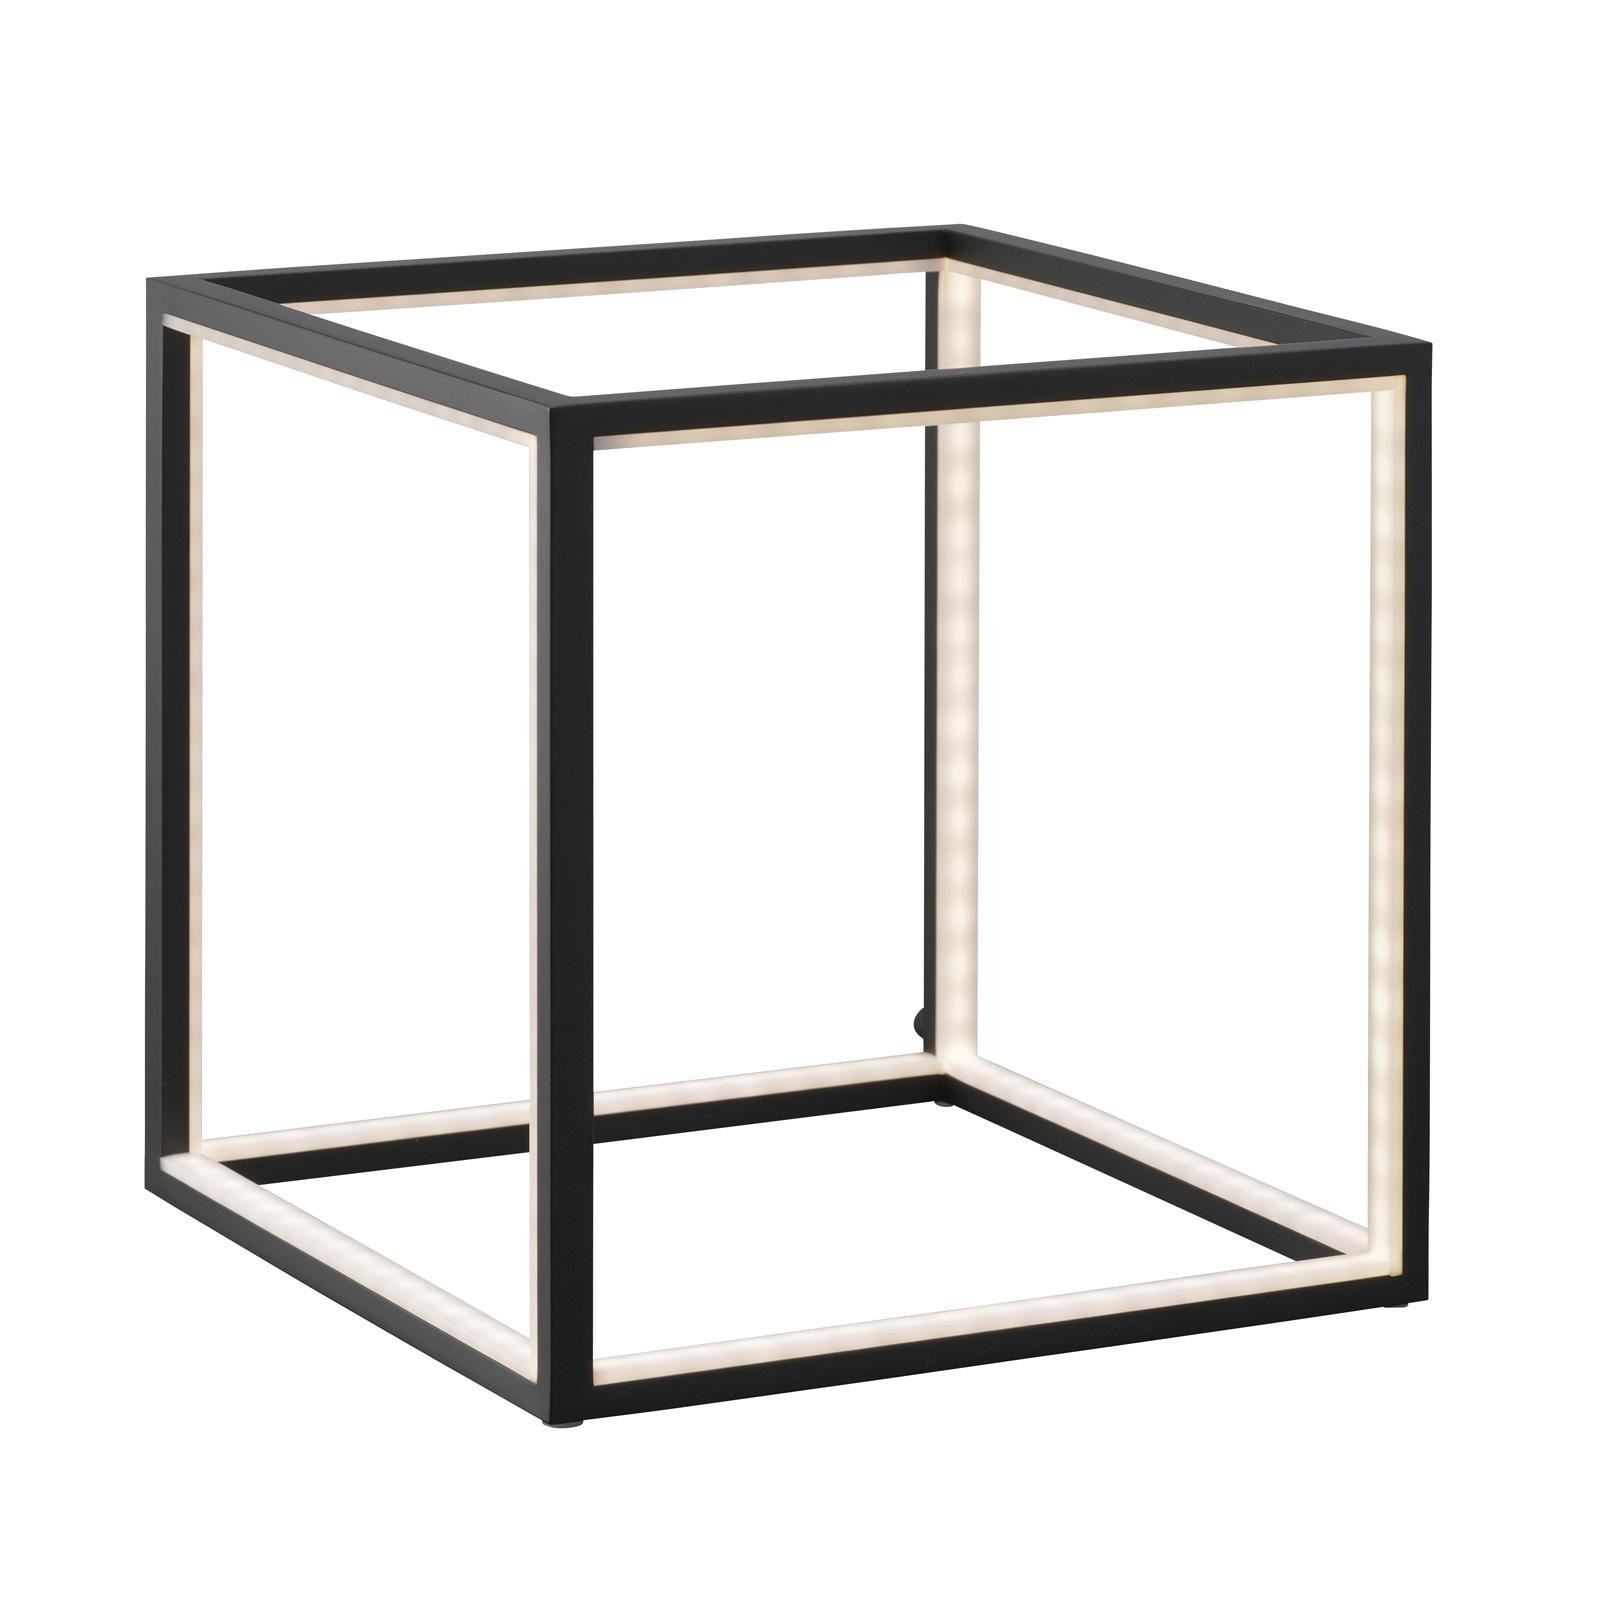 LED-Tischleuchte Delux, schwarz, 30 cm